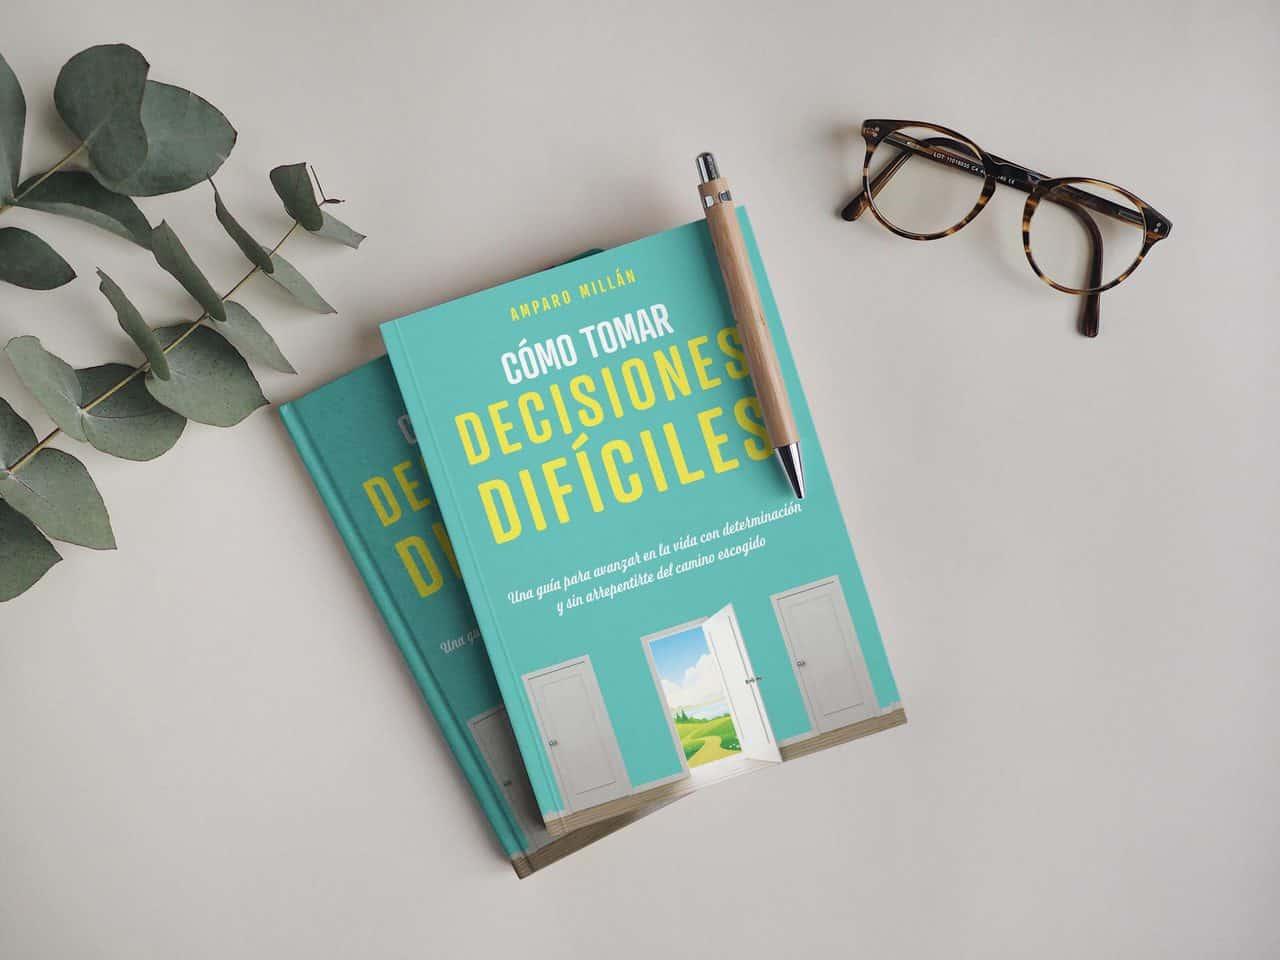 cómo tomar decisiones difíciles- libro